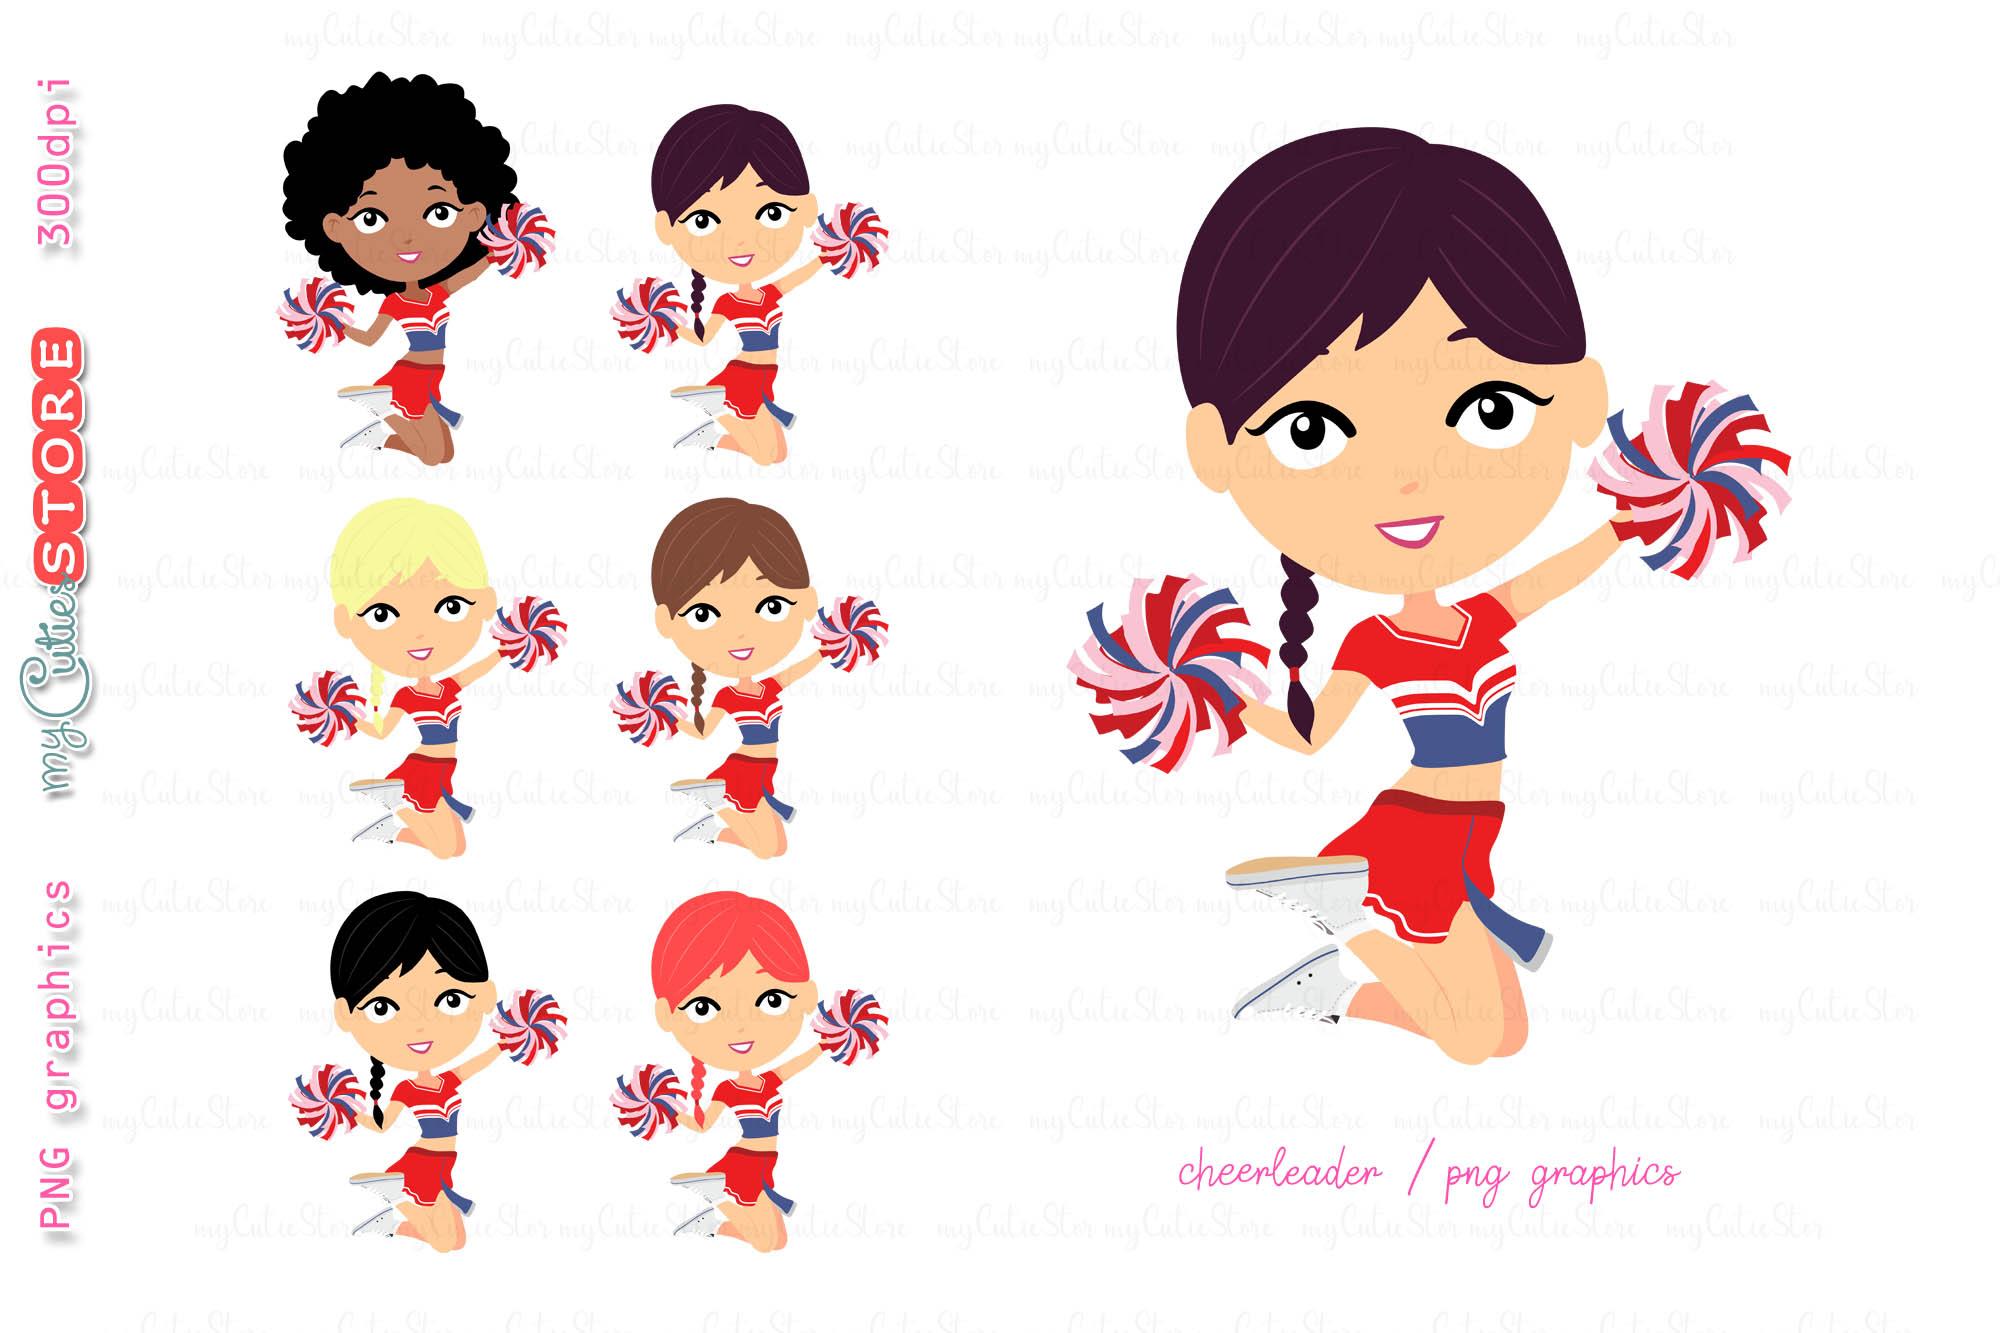 Cheerleader girl clipart, cute girls jumping.